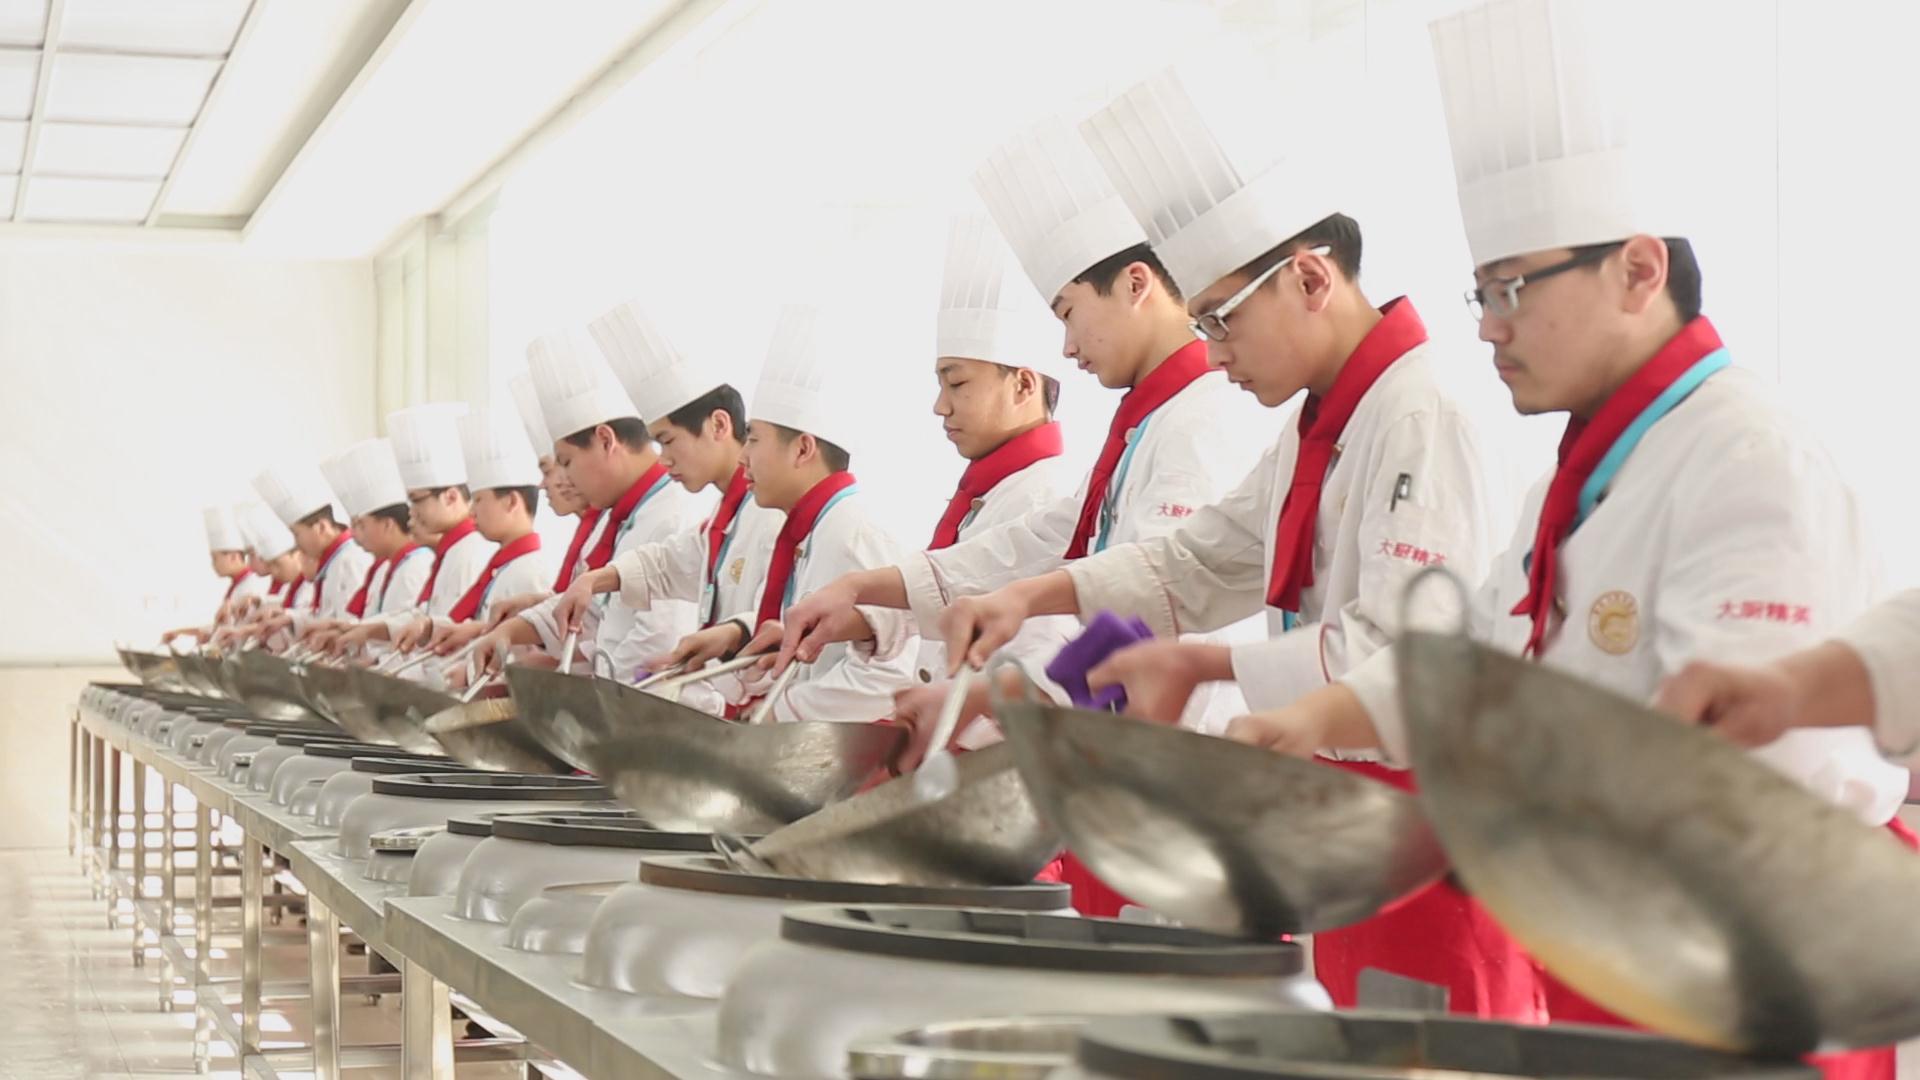 业余厨师培训班_就业指导——学厨师要多长时间?学厨师要多久?-就业信息-山西 ...